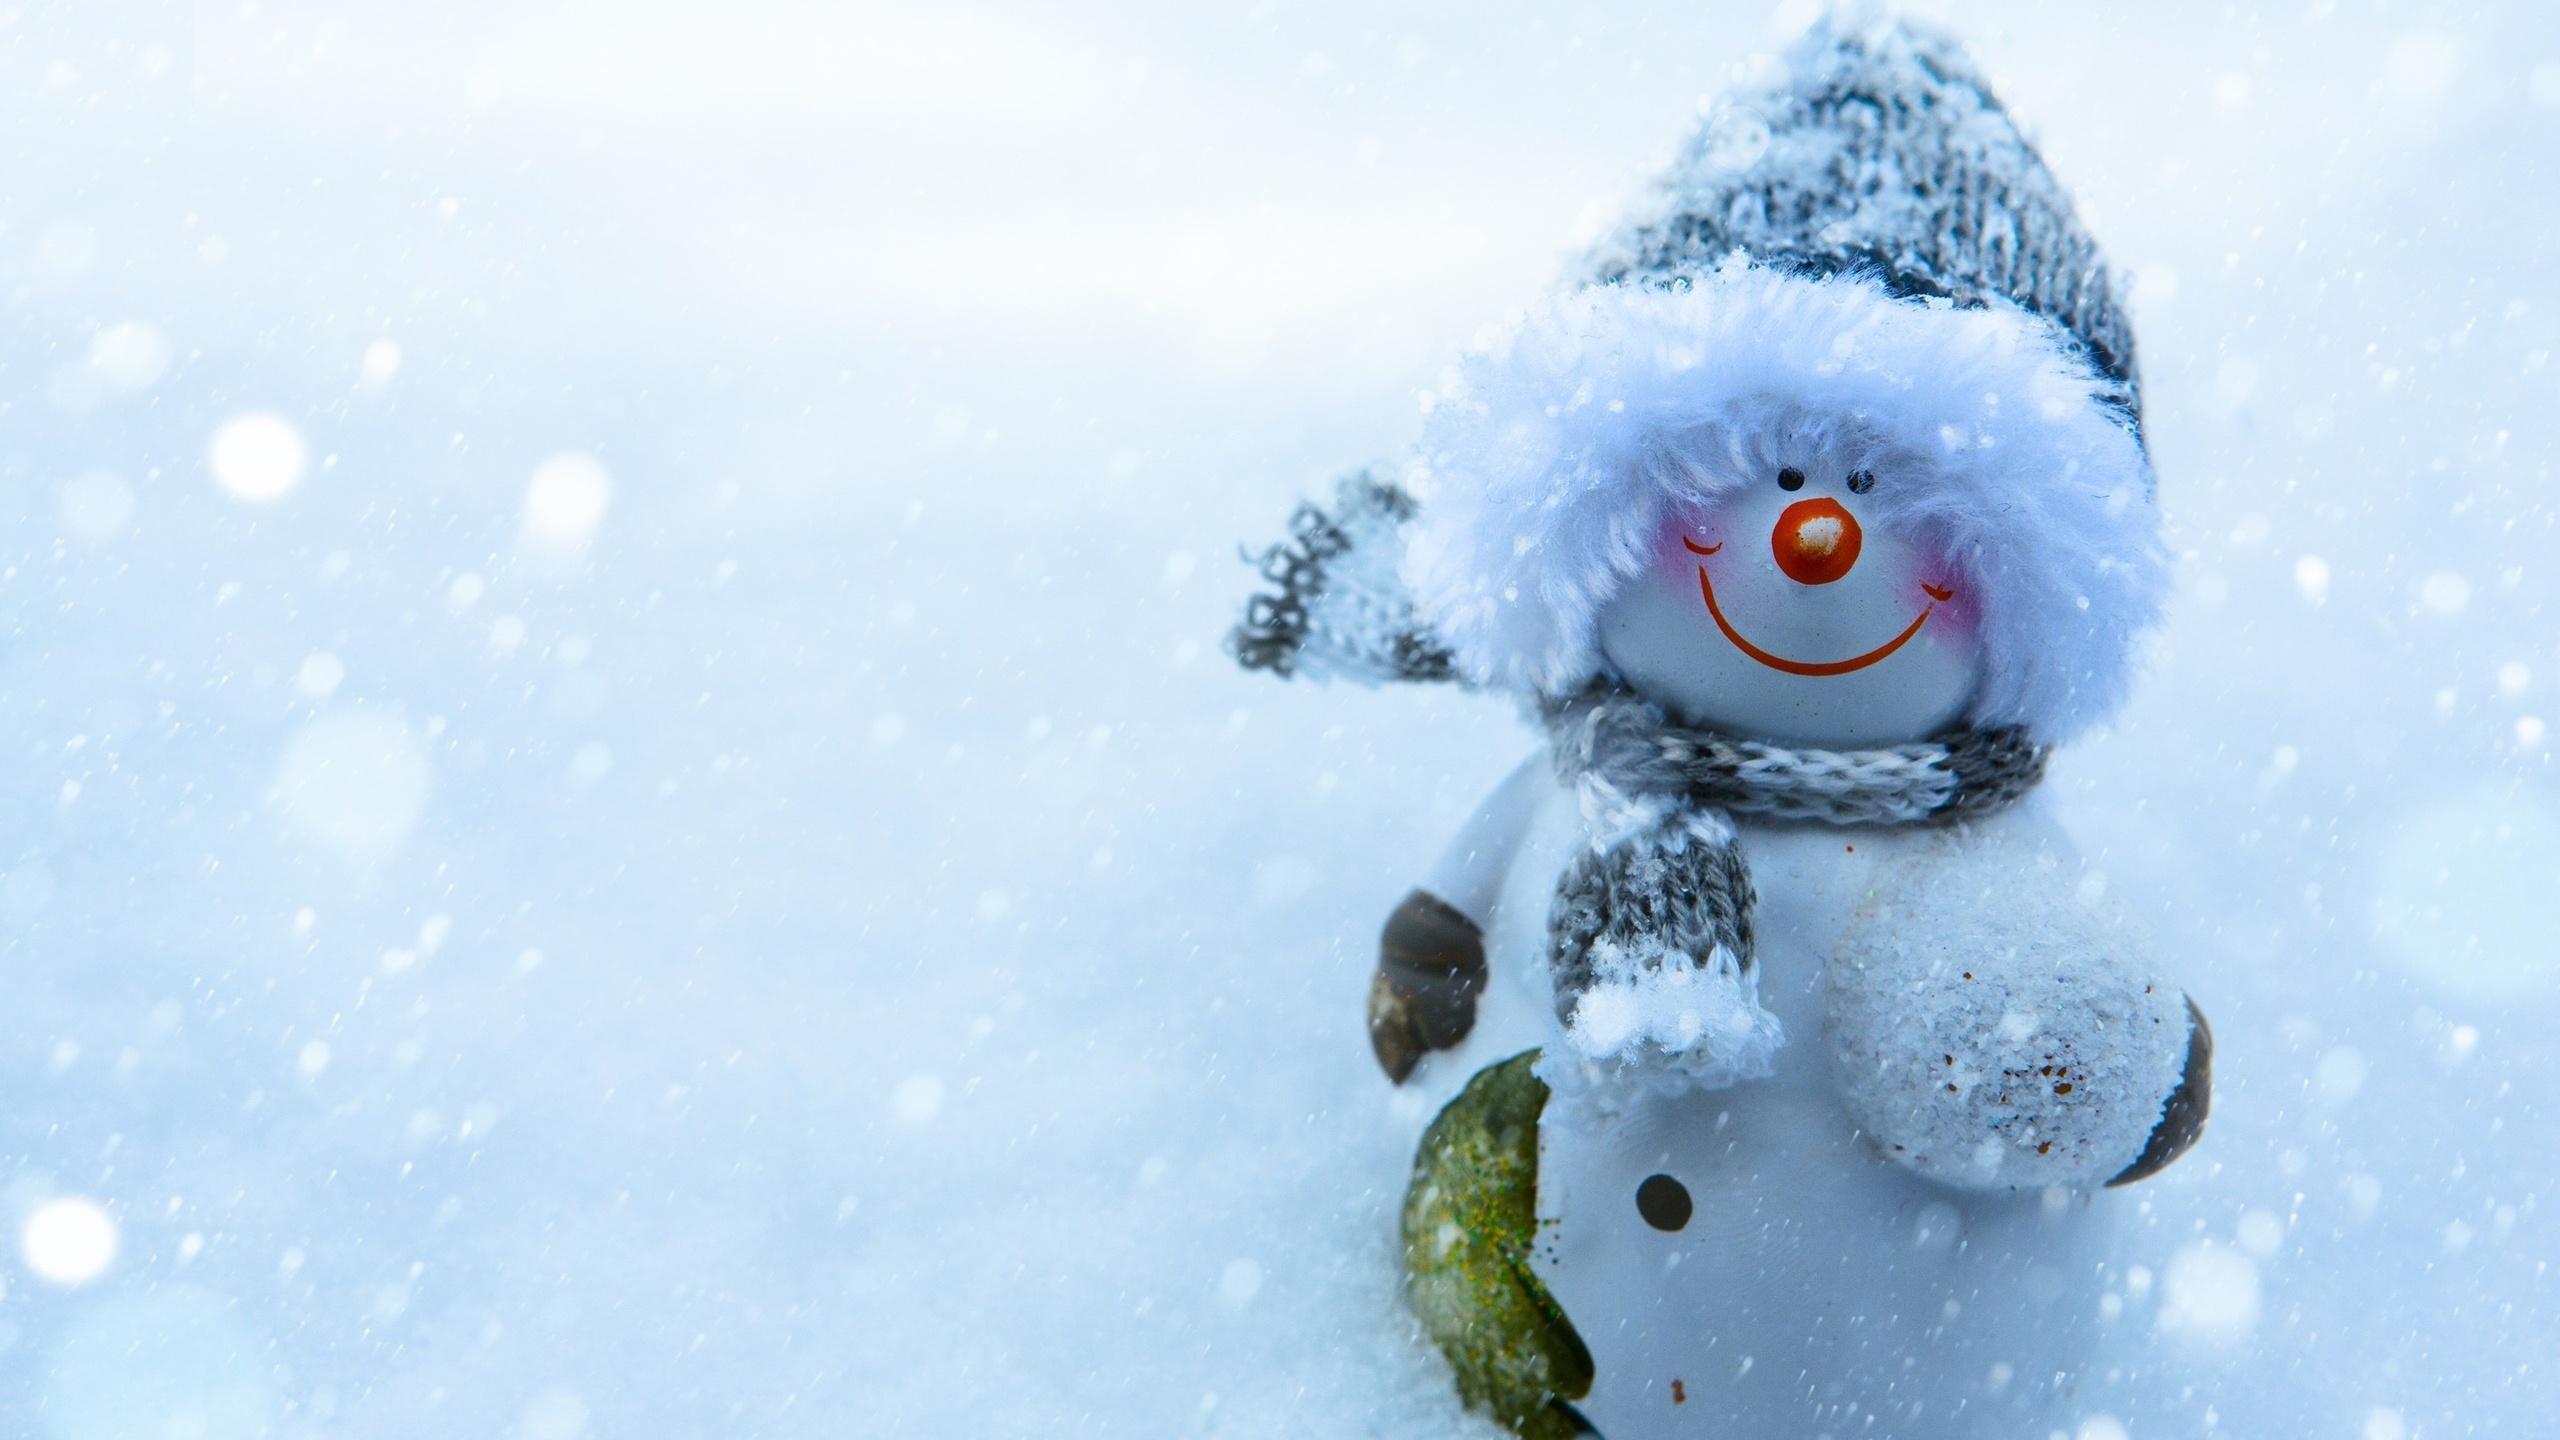 Картинки прикольные, прикольные картинки тема зима